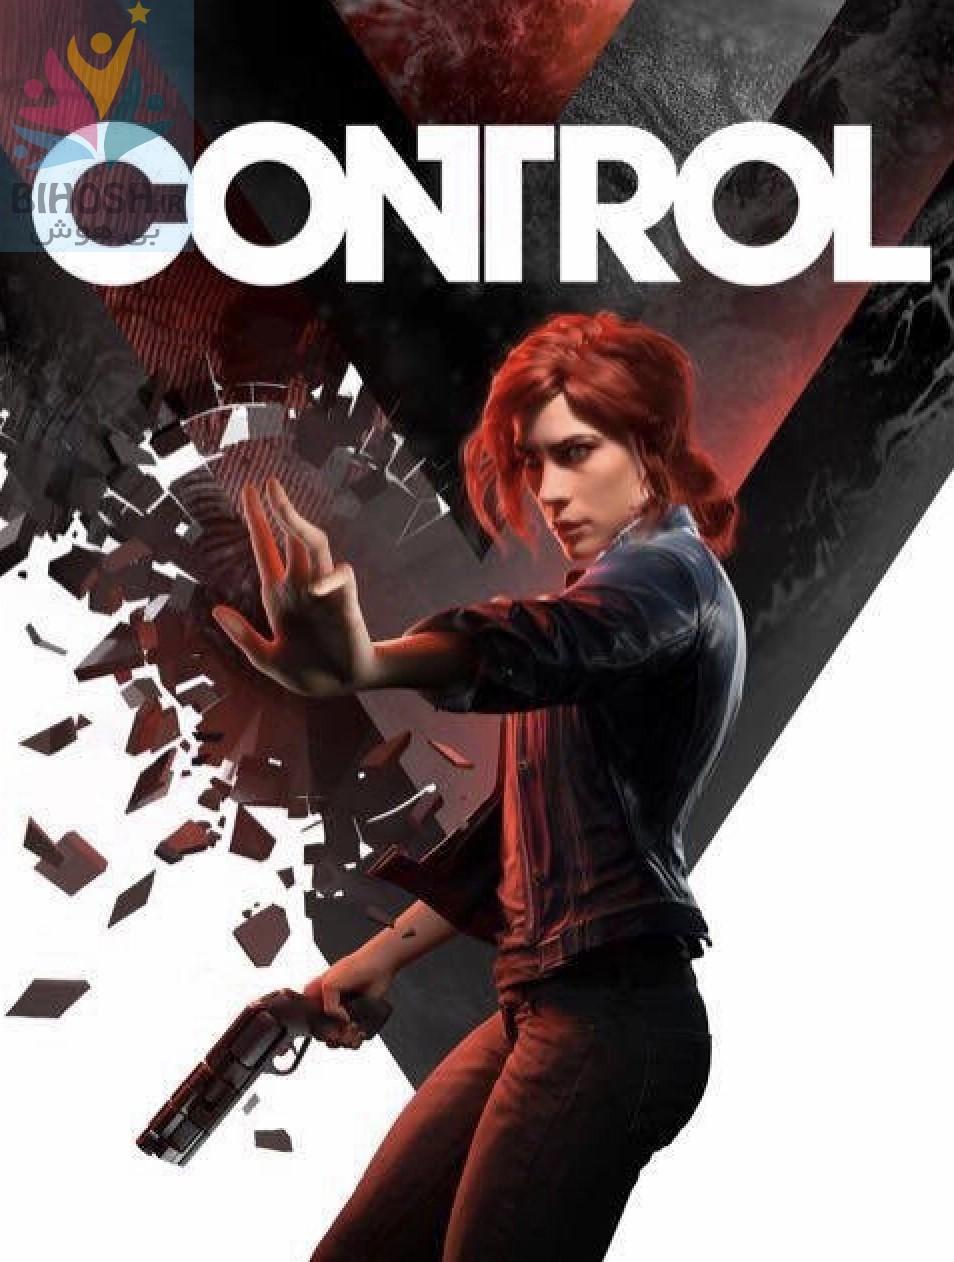 بازی کنترل